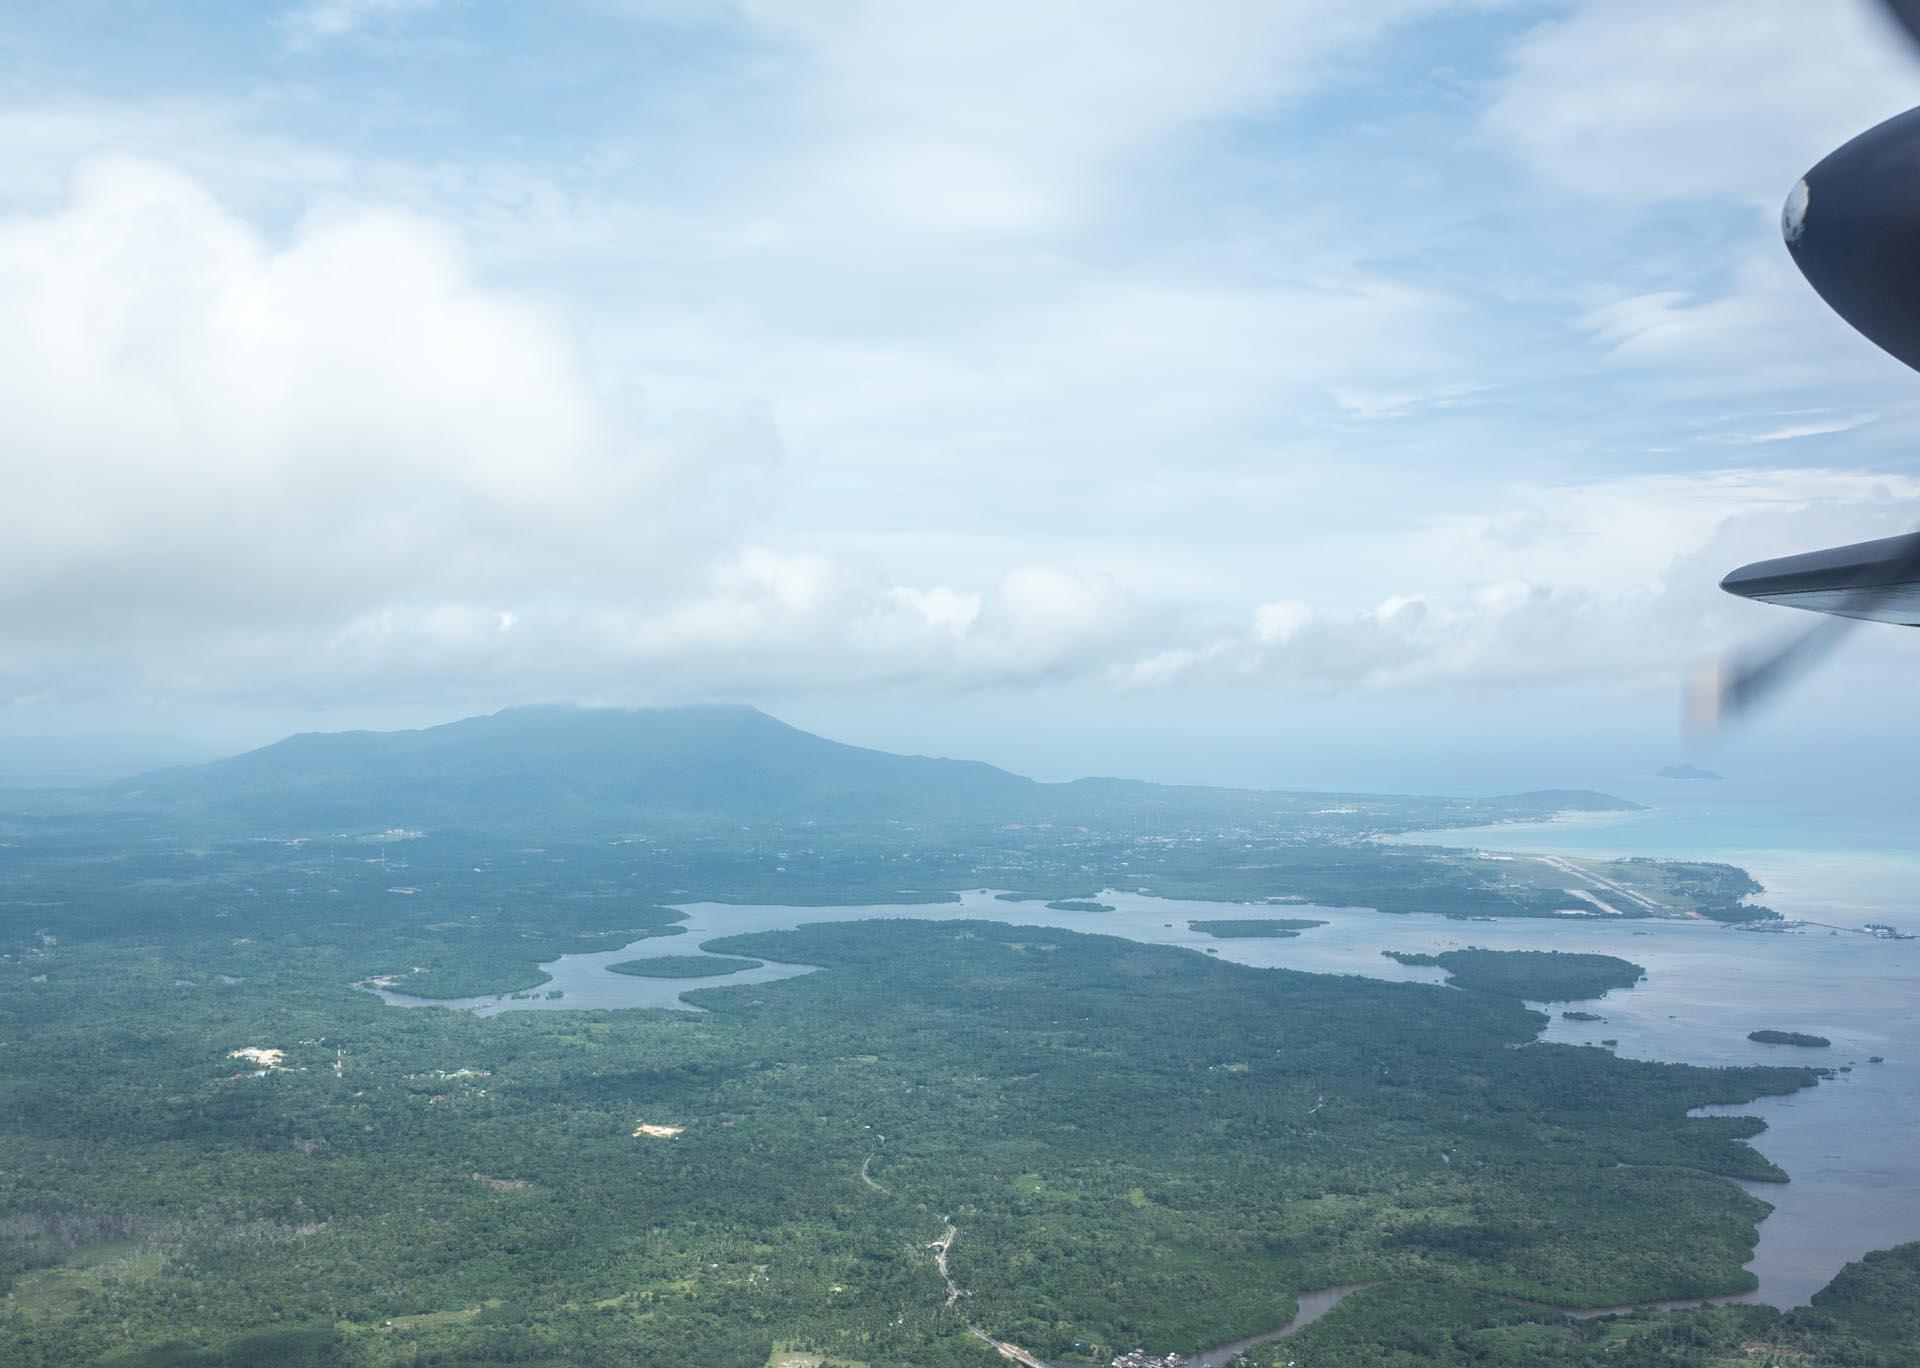 (リアウ諸島)ナトゥナ島ラナイ空港